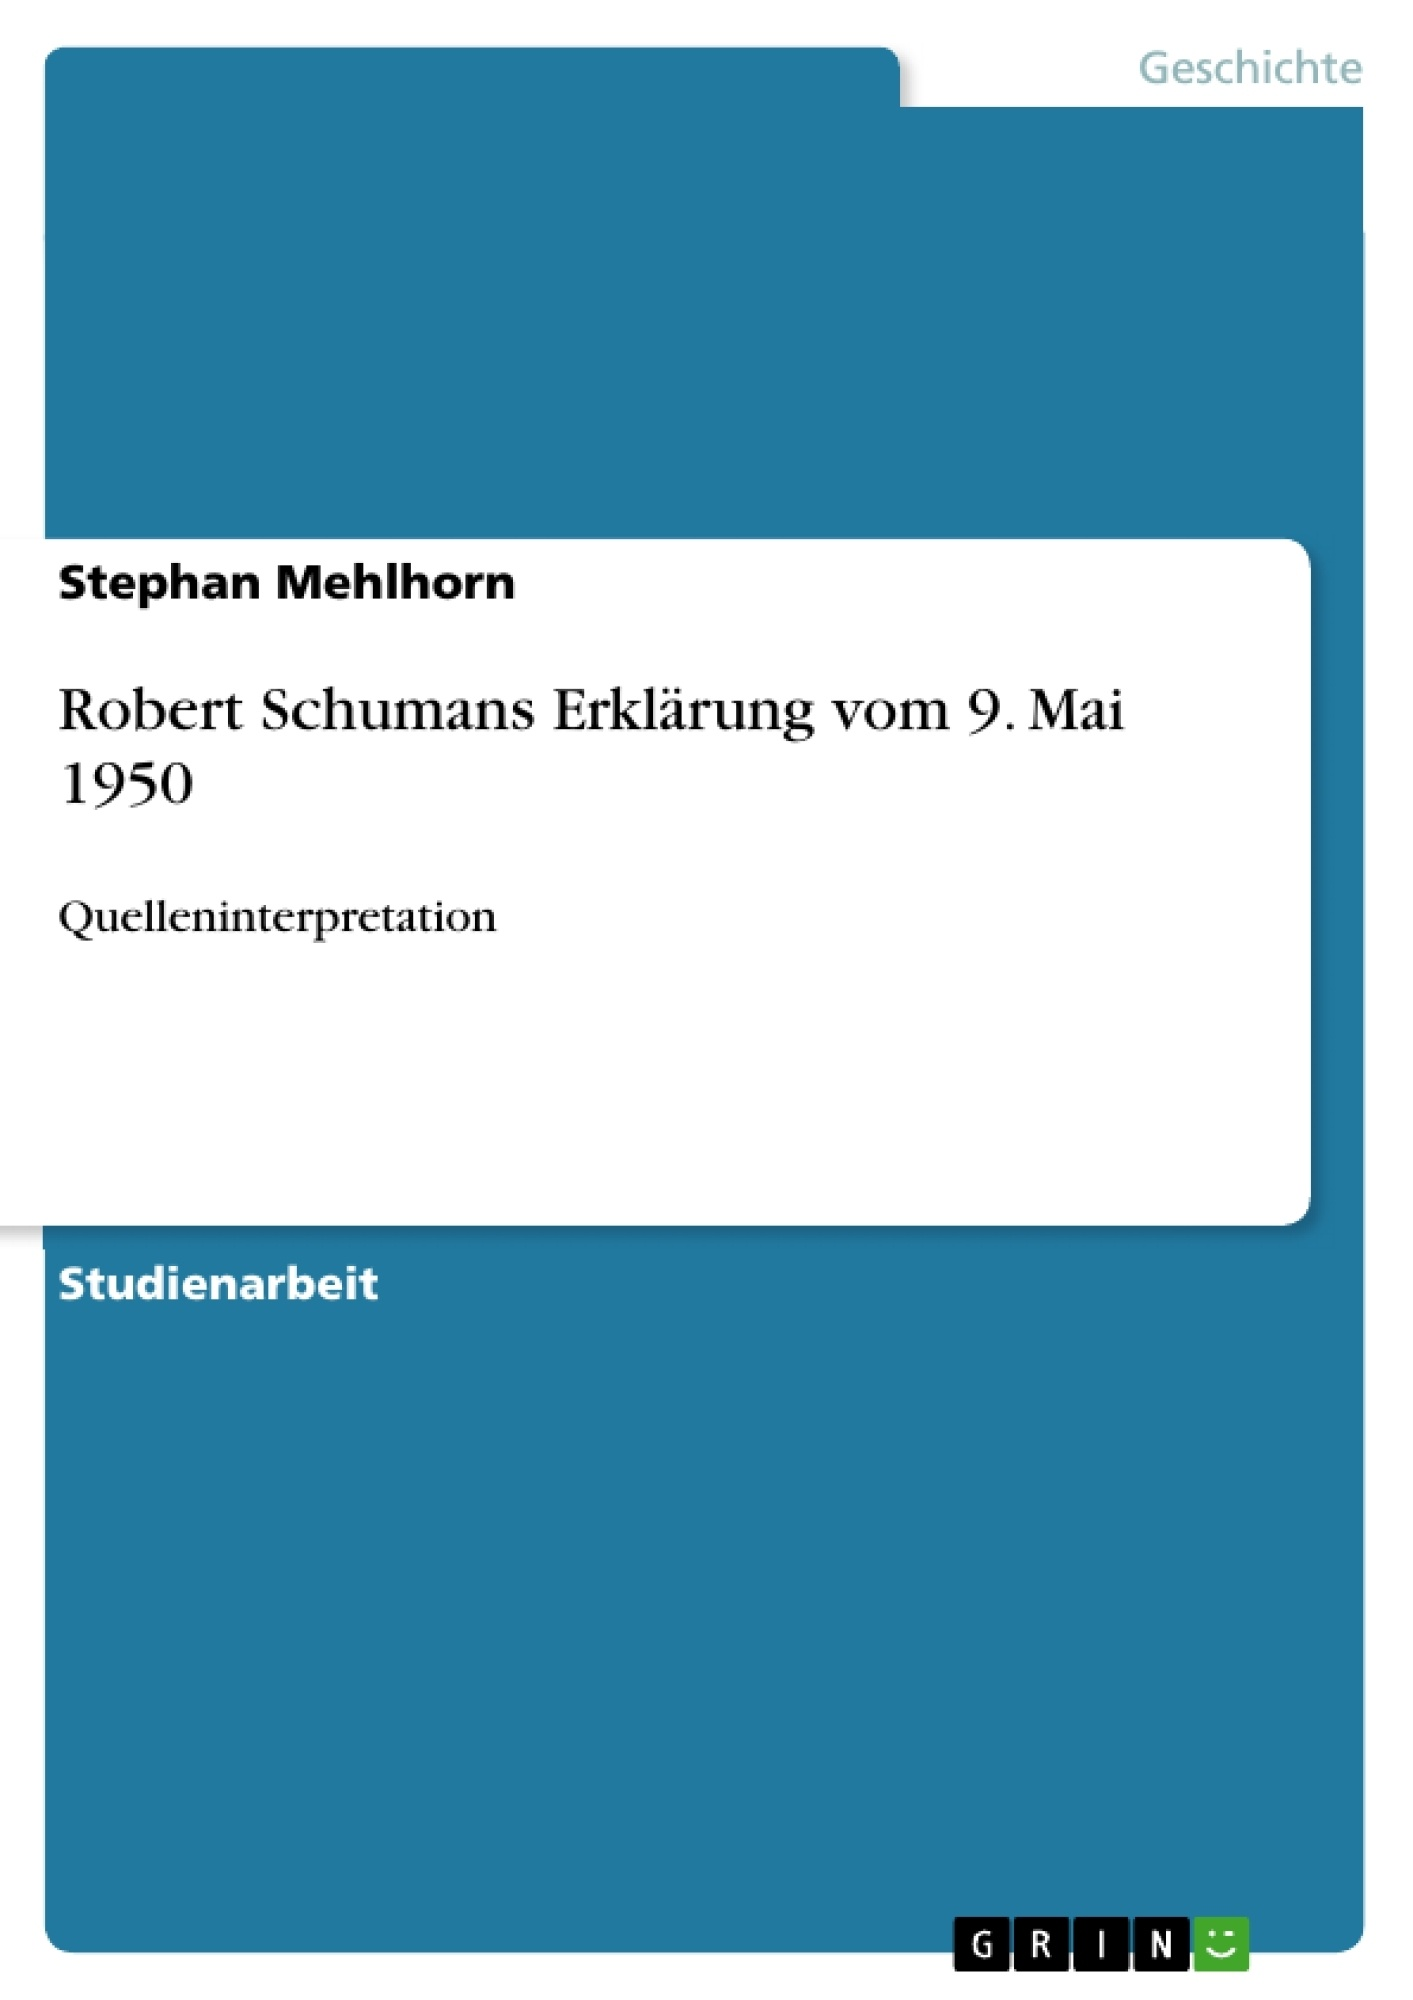 Titel: Robert Schumans Erklärung vom 9. Mai 1950